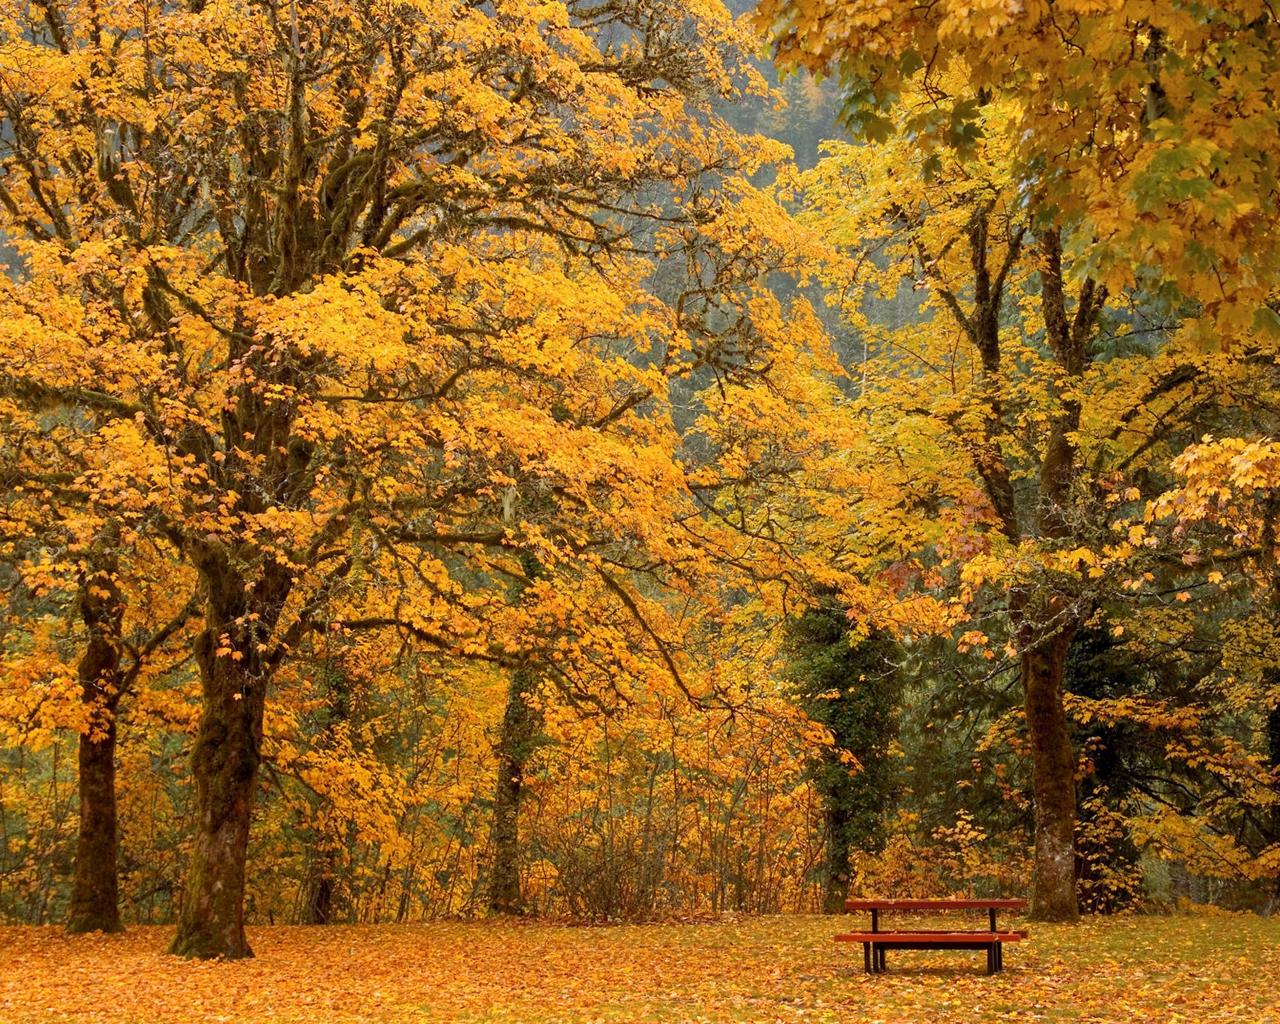 唯美秋天风景图片